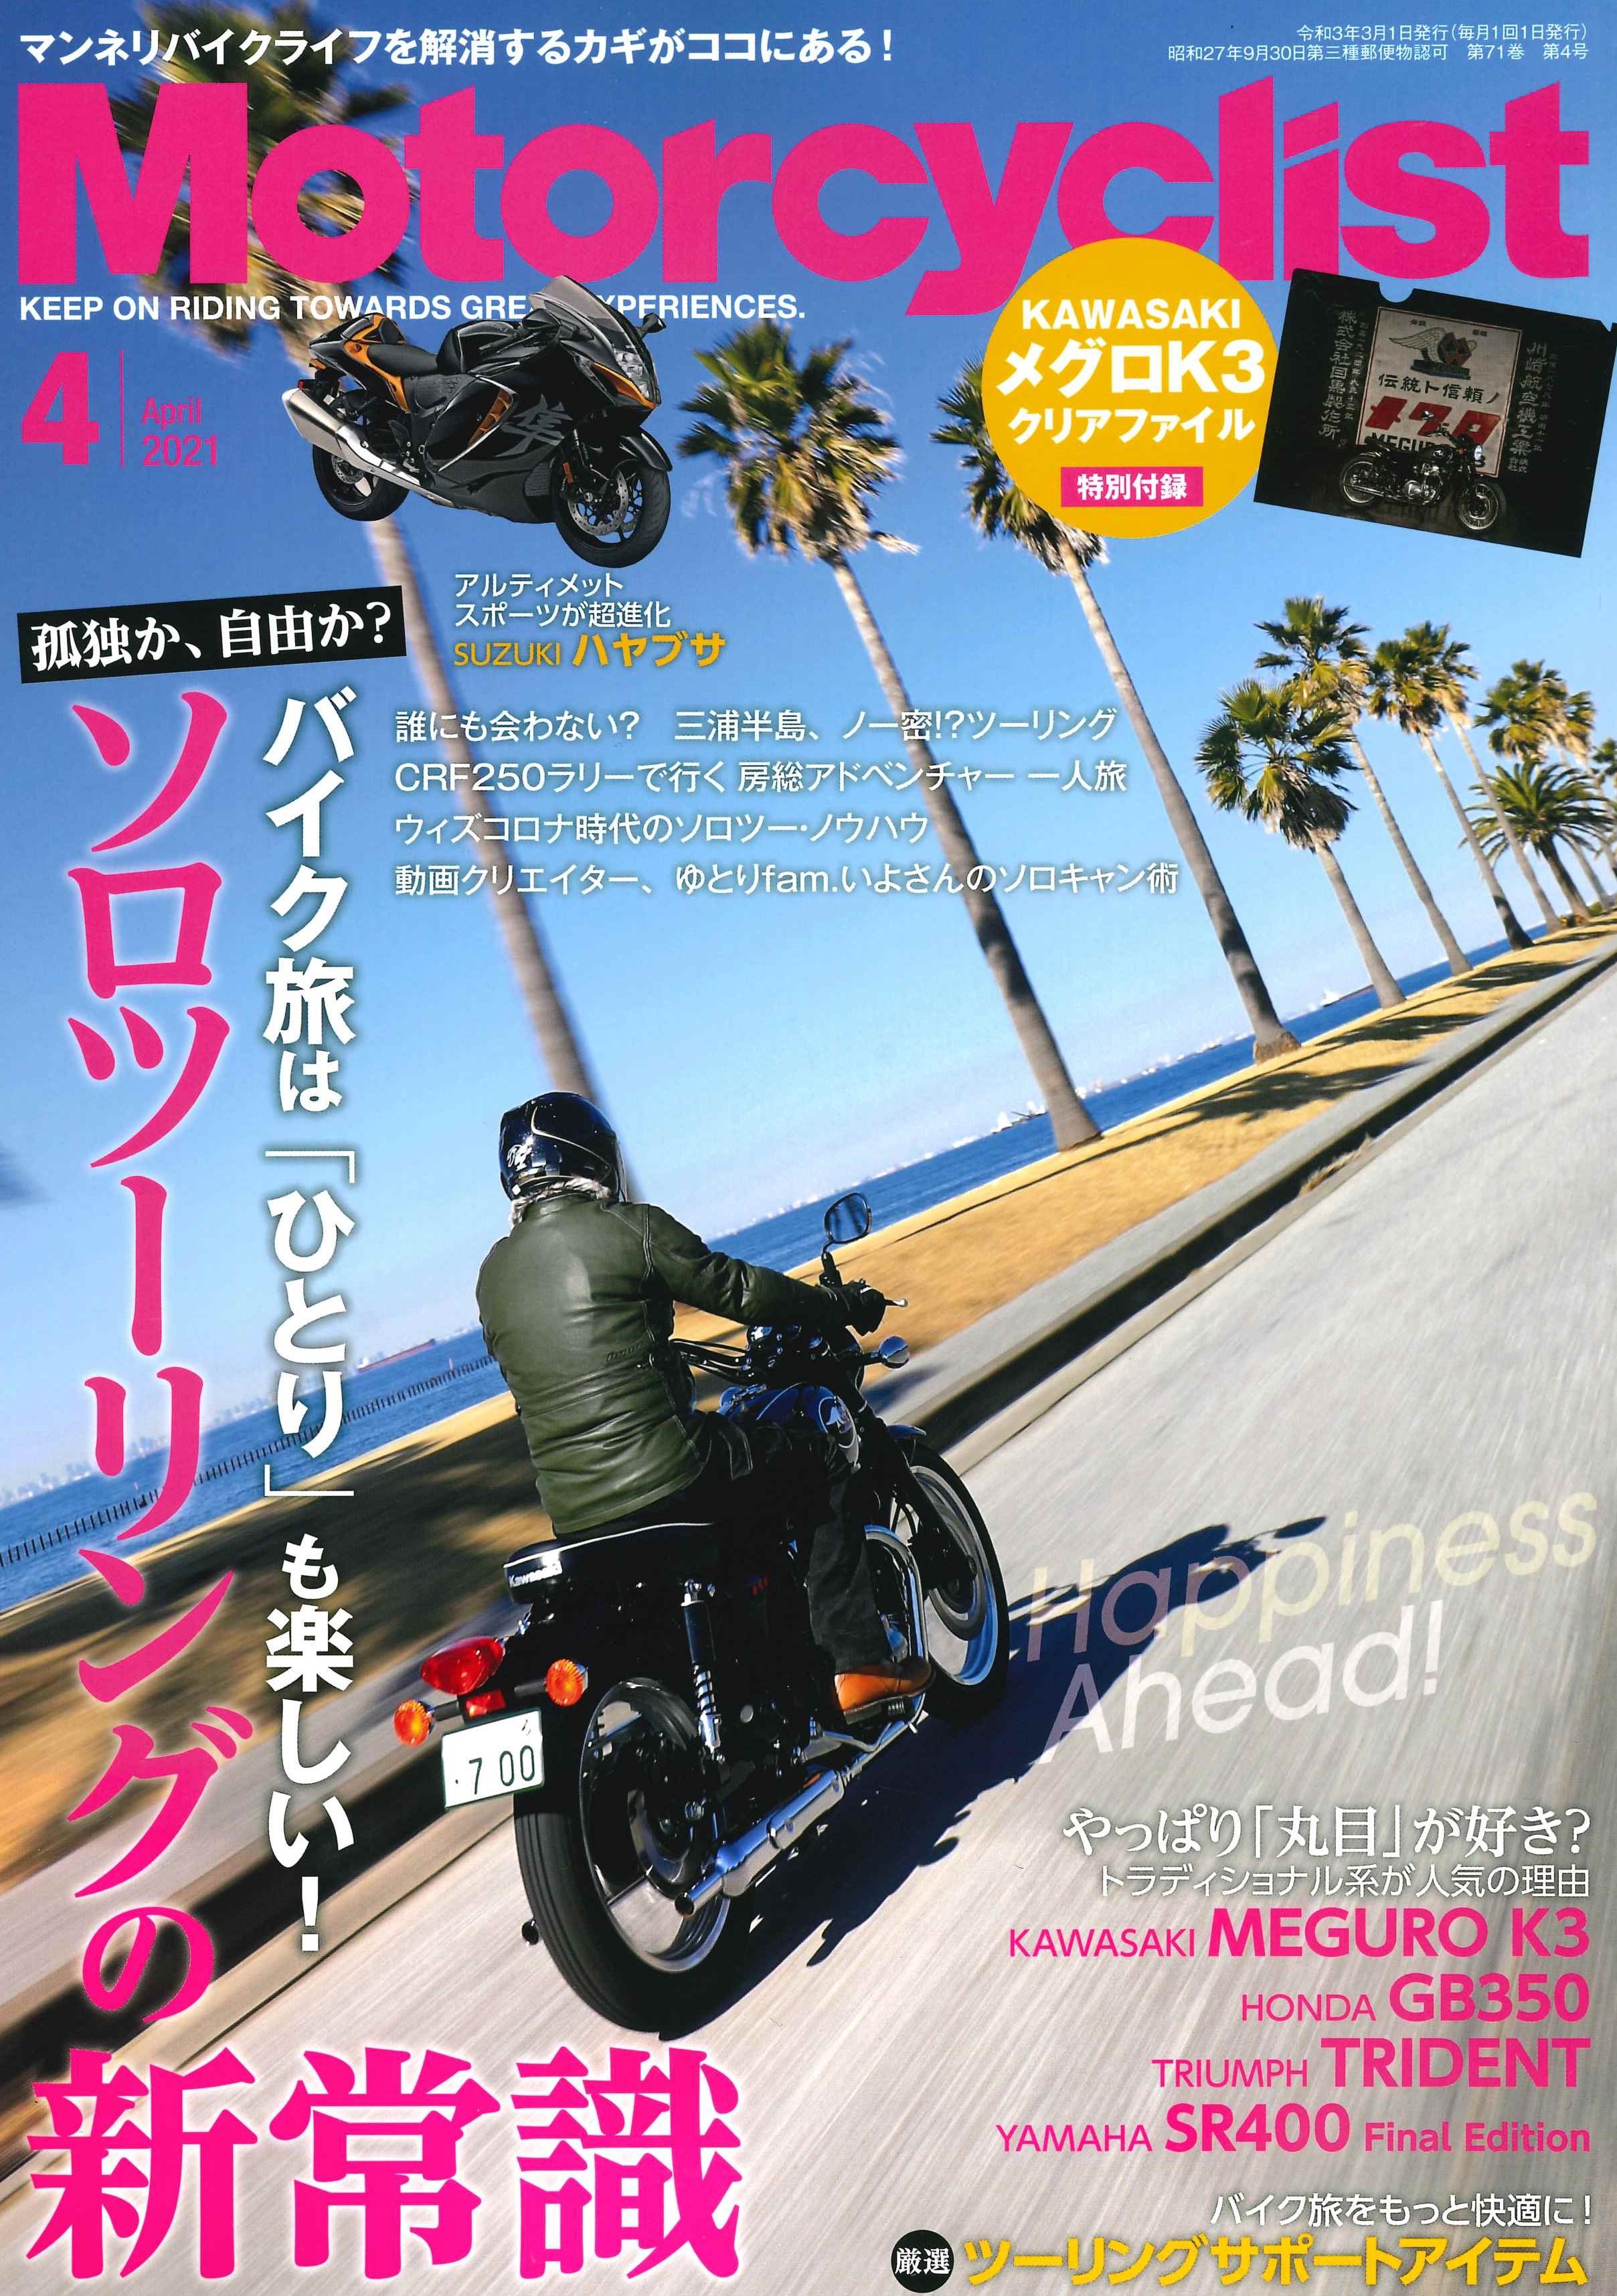 【Motorcyclist 2021年4月号掲載】B+COM Ruby Red(ルビーレッド) シリーズ